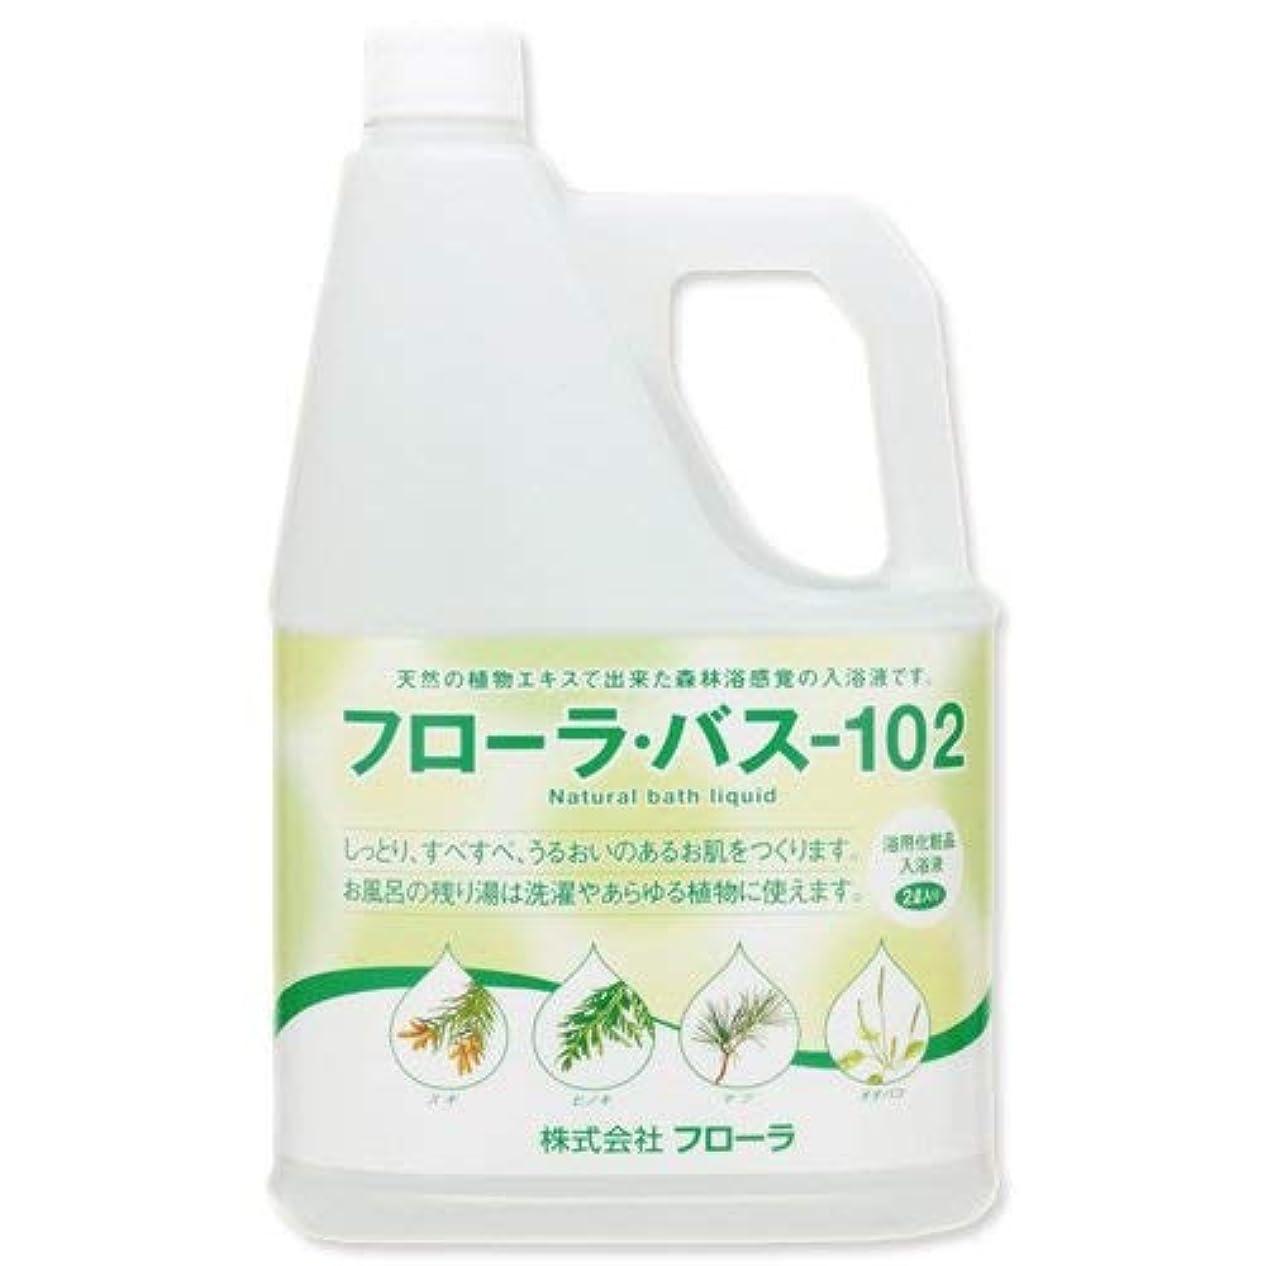 ラフ睡眠農業の第二浴用化粧品 入浴液 フローラ?バス-102  2L